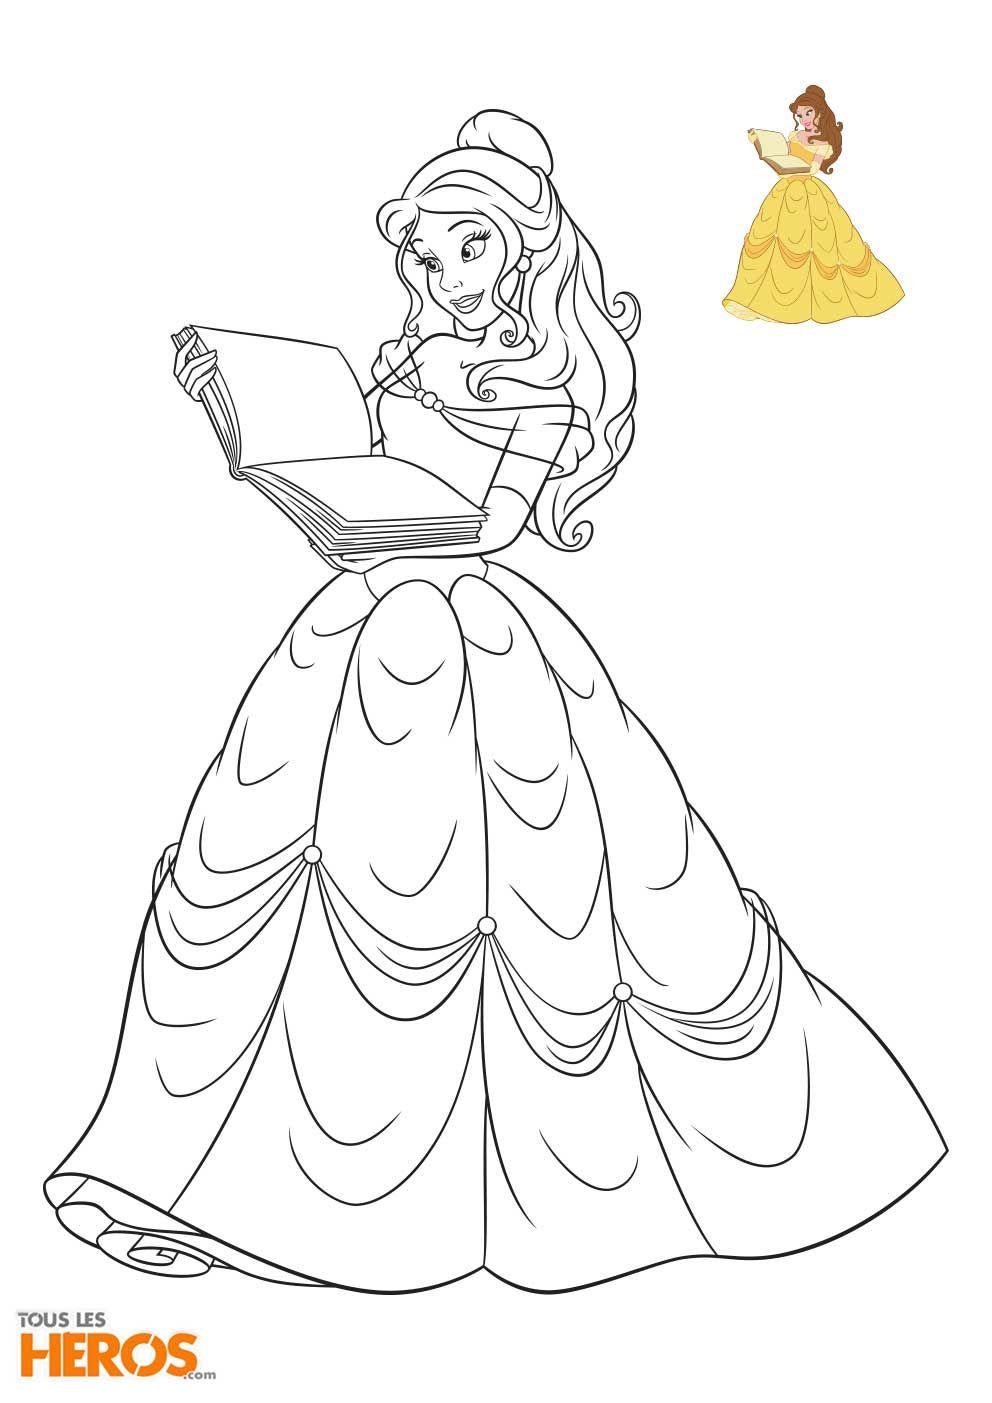 Cette Semaine Tous Les Heros Vous Propose D Imprimer 5 Nouveaux Coloriages Disney Princesses Coloriage Princesse Coloriage Princesse Disney Coloriage Disney